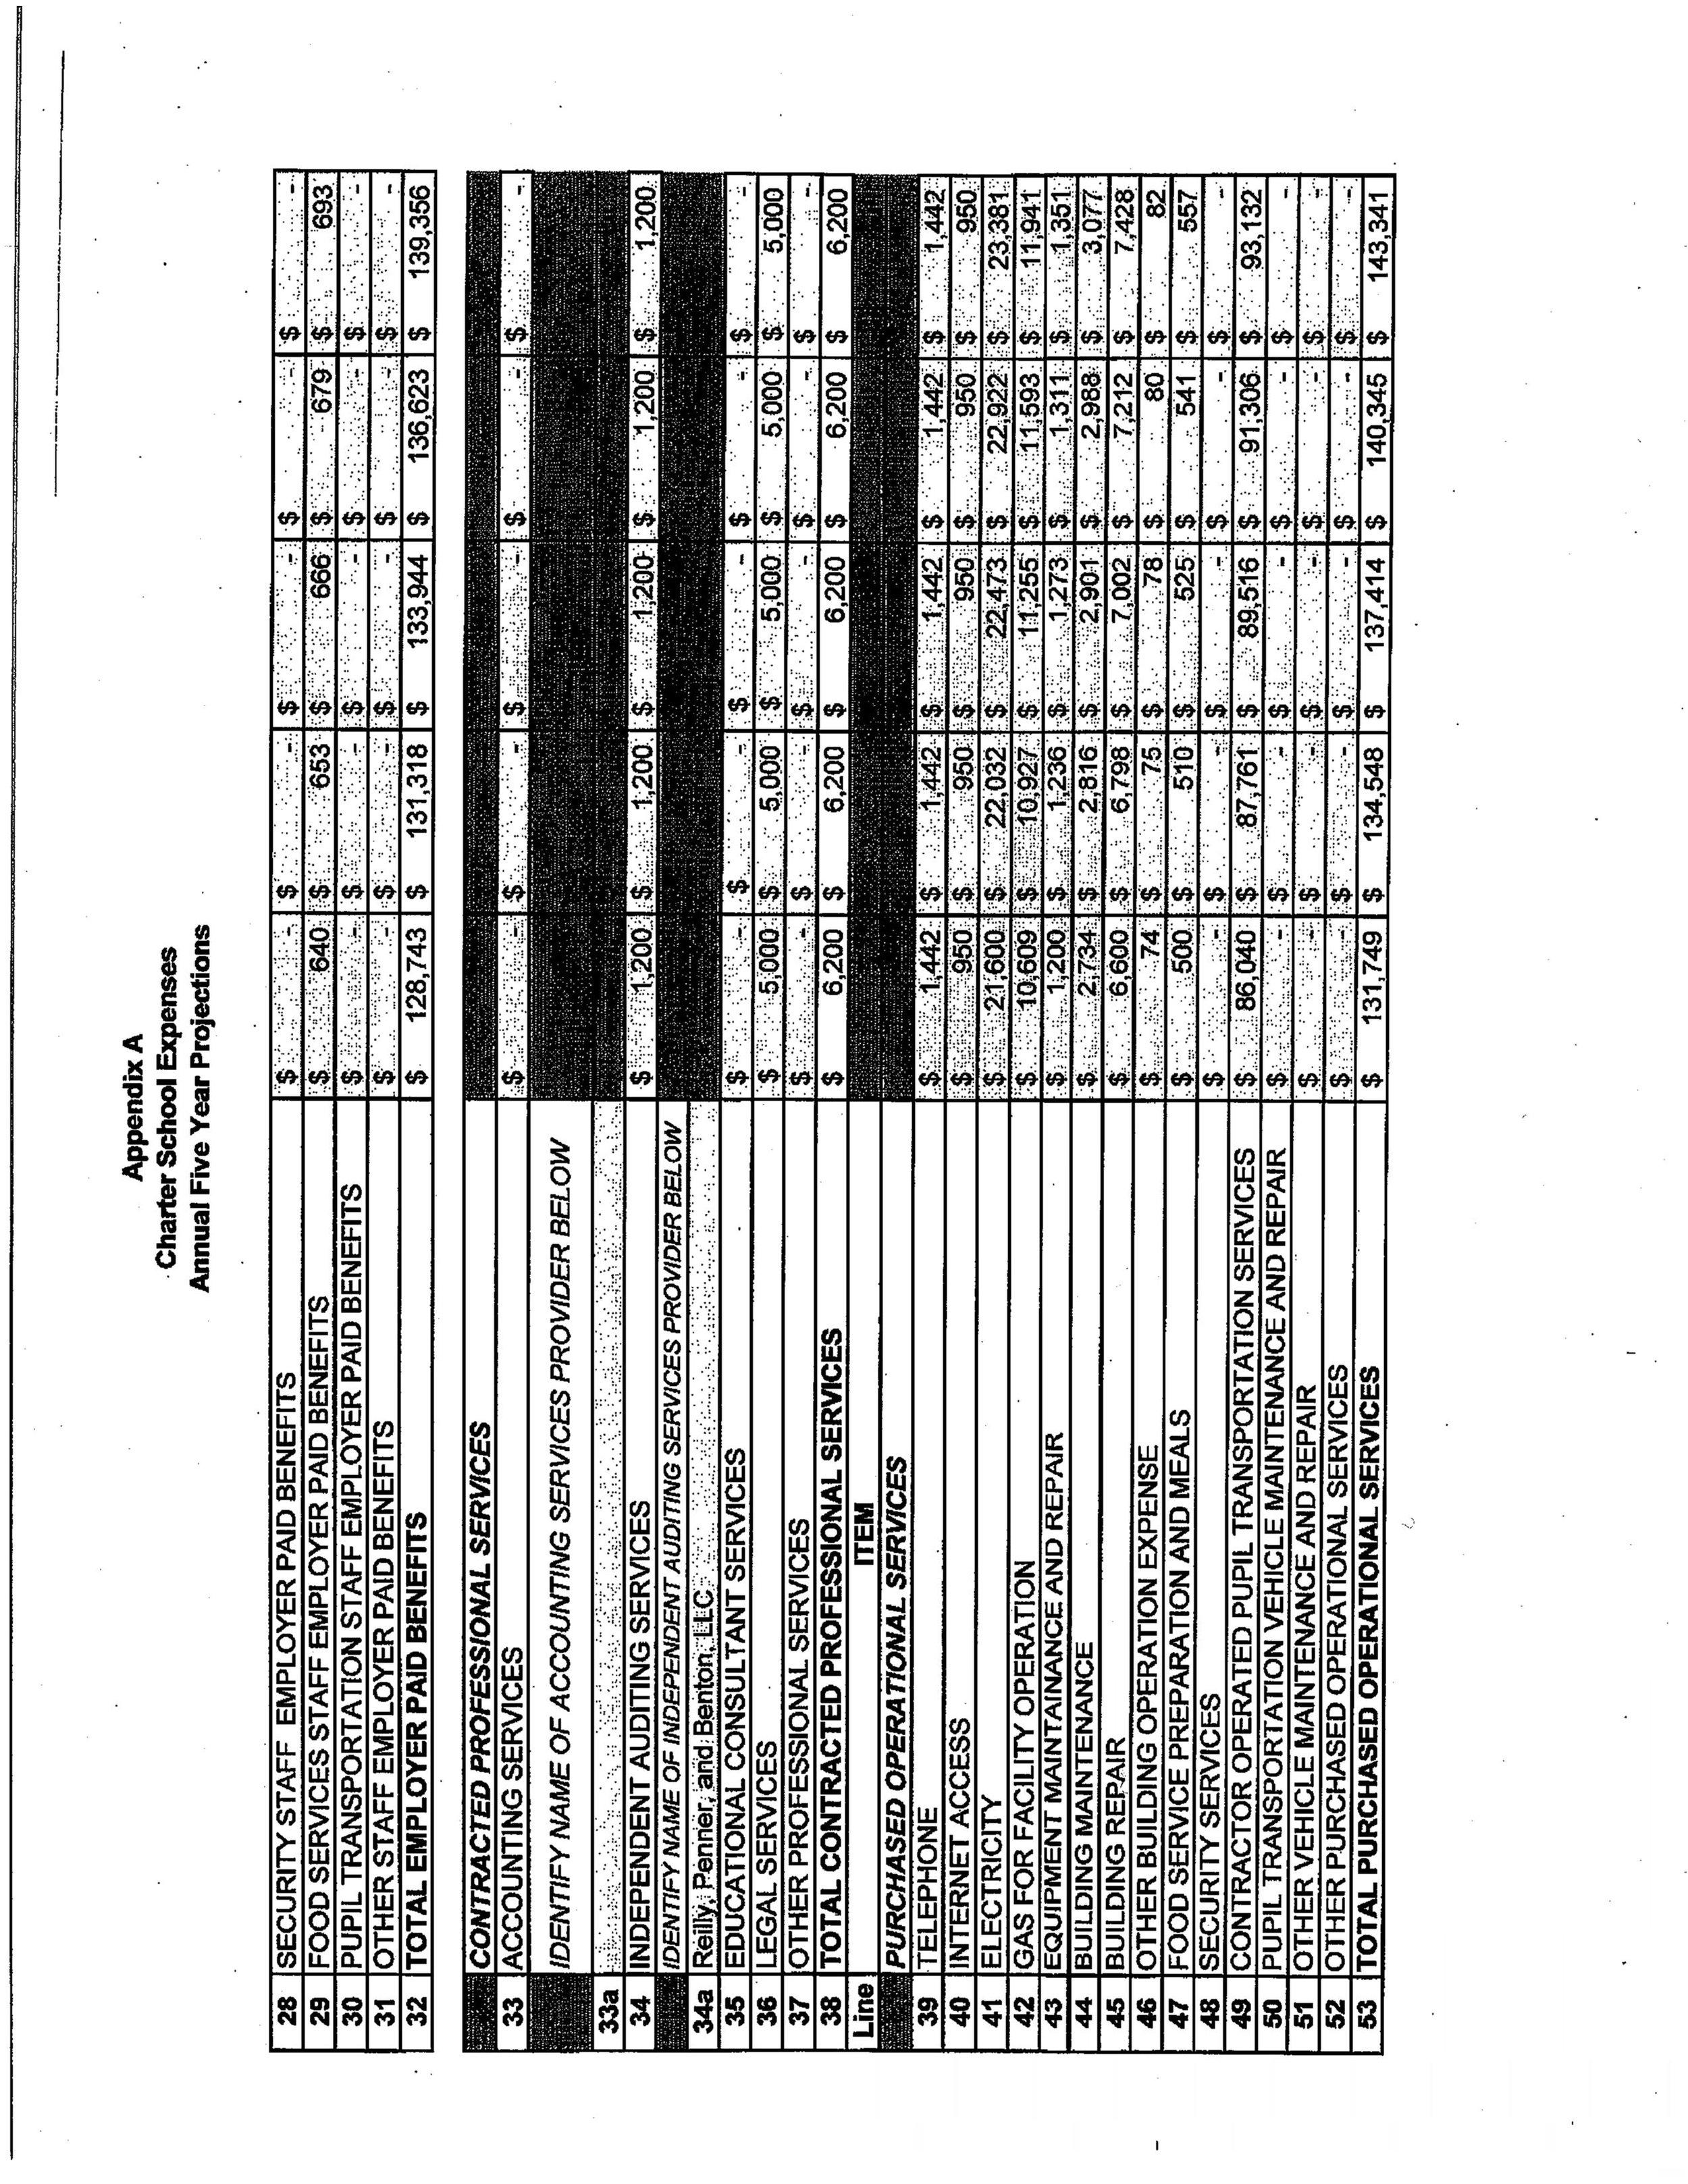 Planning Grant pg 32.jpg